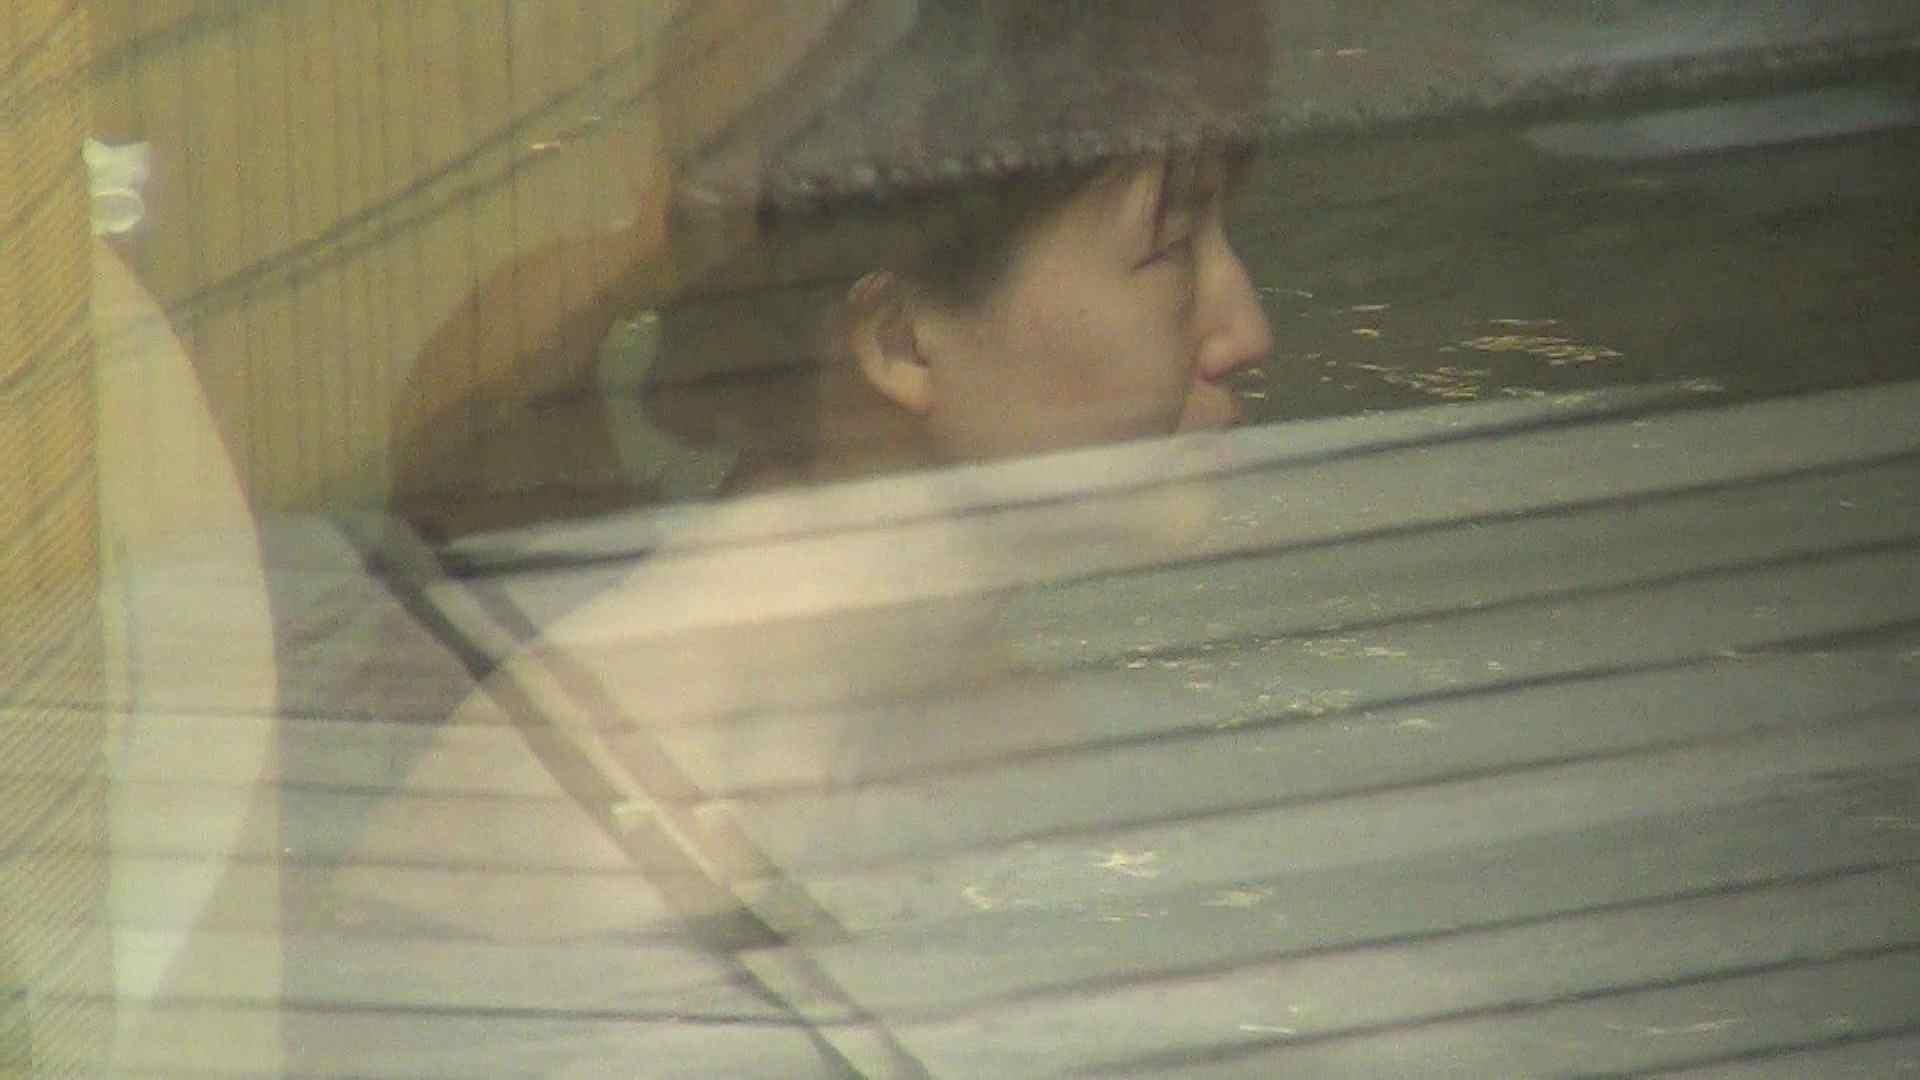 Aquaな露天風呂Vol.299 盗撮シリーズ  82PIX 58